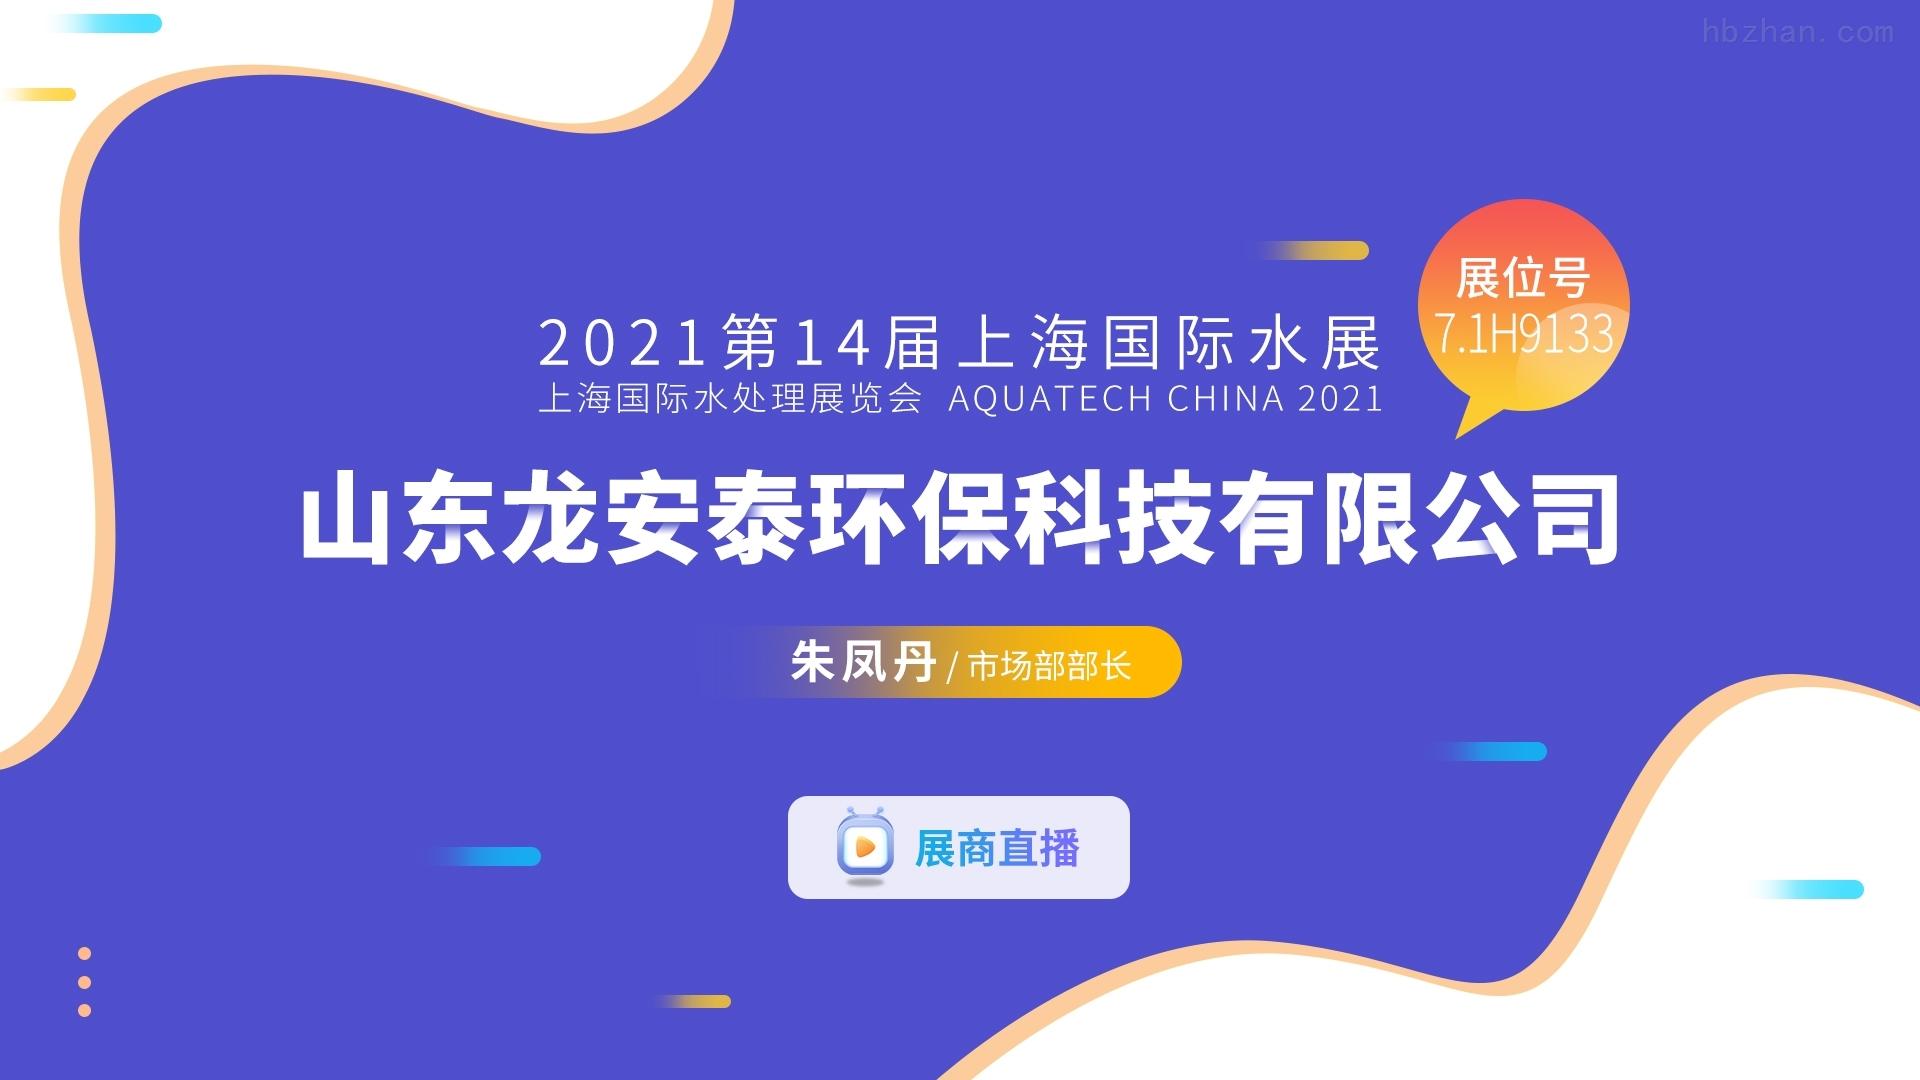 龍安泰環保與您相約2021世環會 展位:7.1H9133